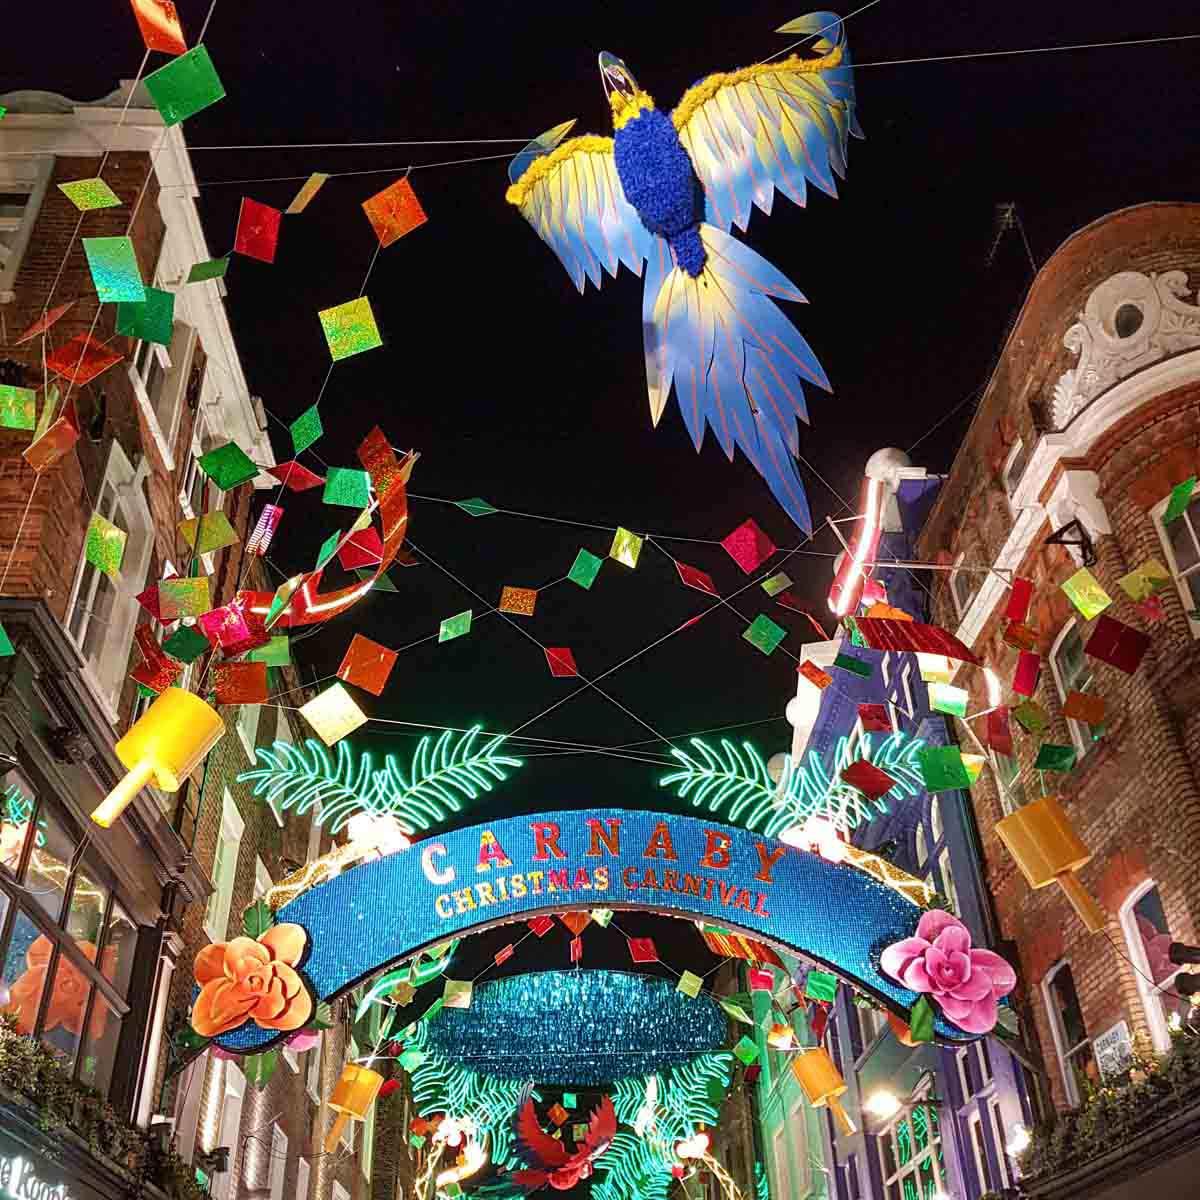 Carnaby Street, kerst in Londen - Map of Joy